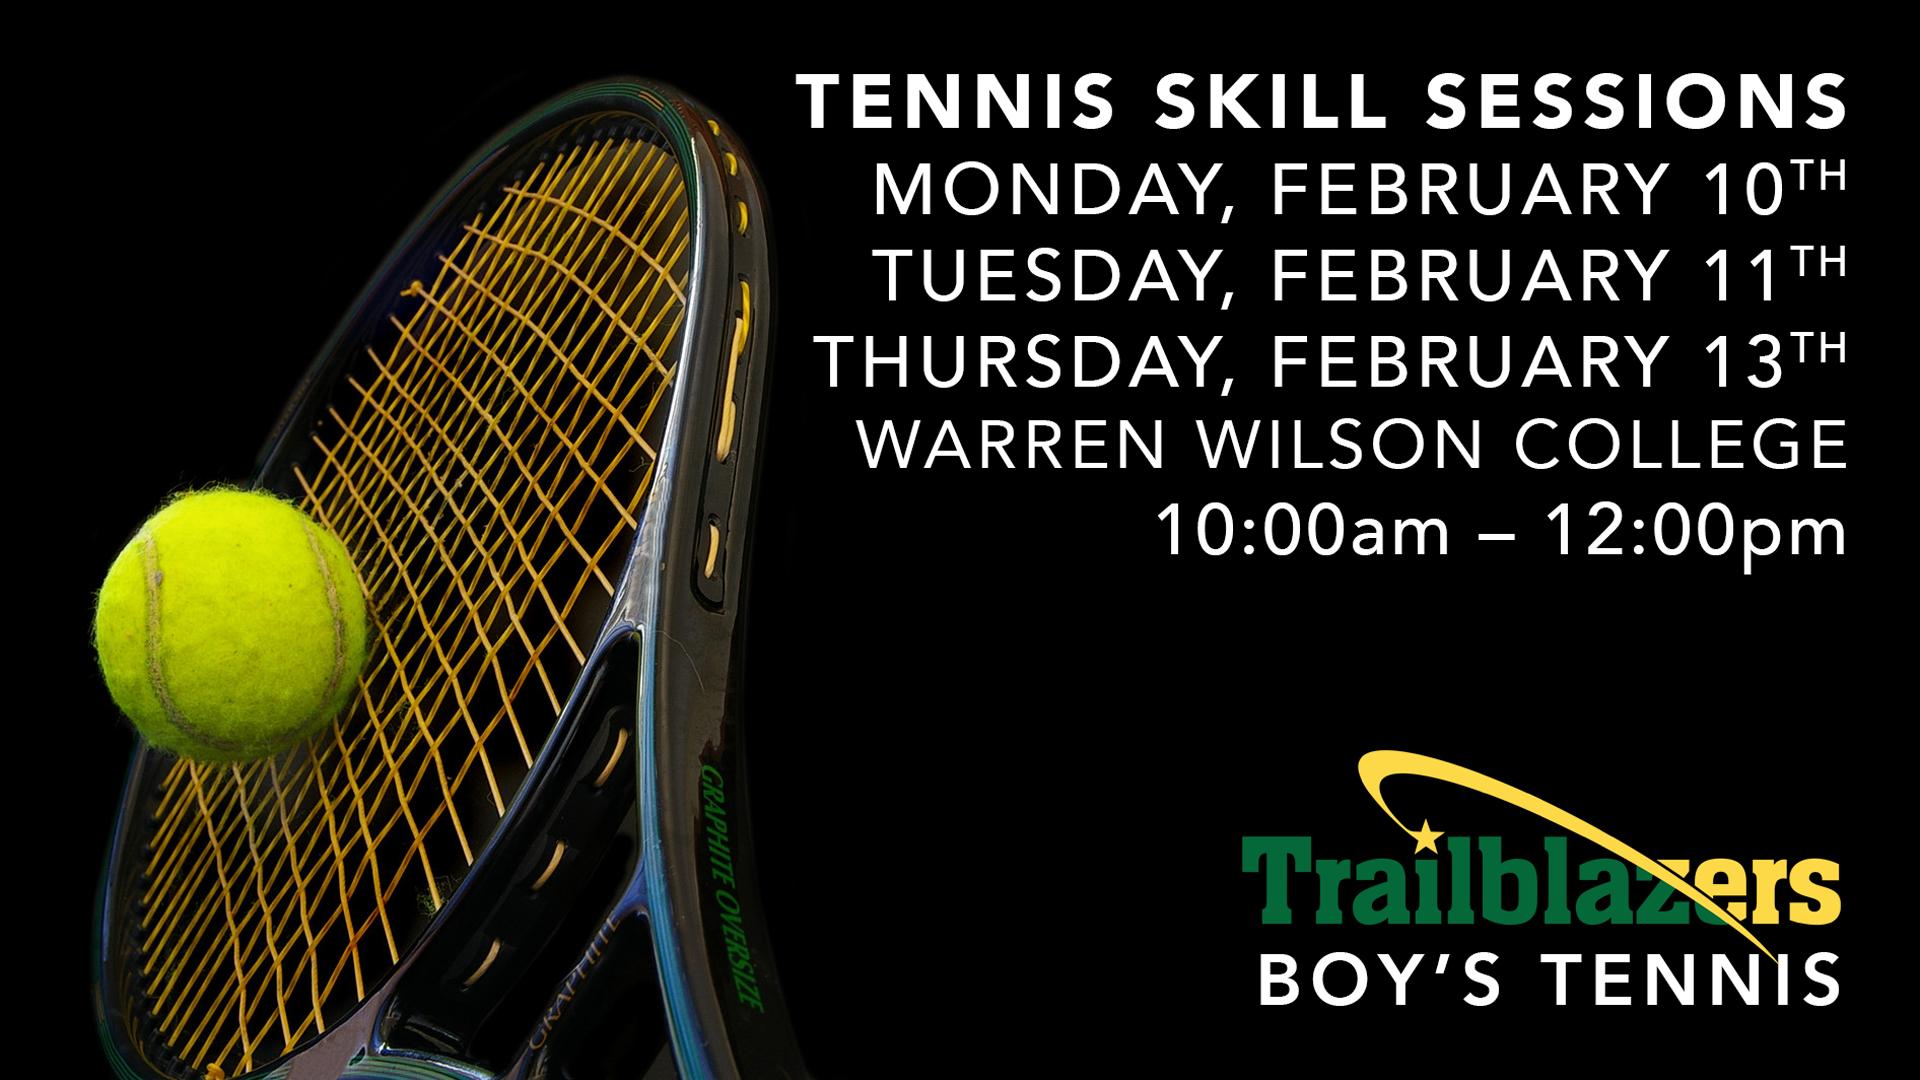 Boys-Tennis-Skills-Sessions